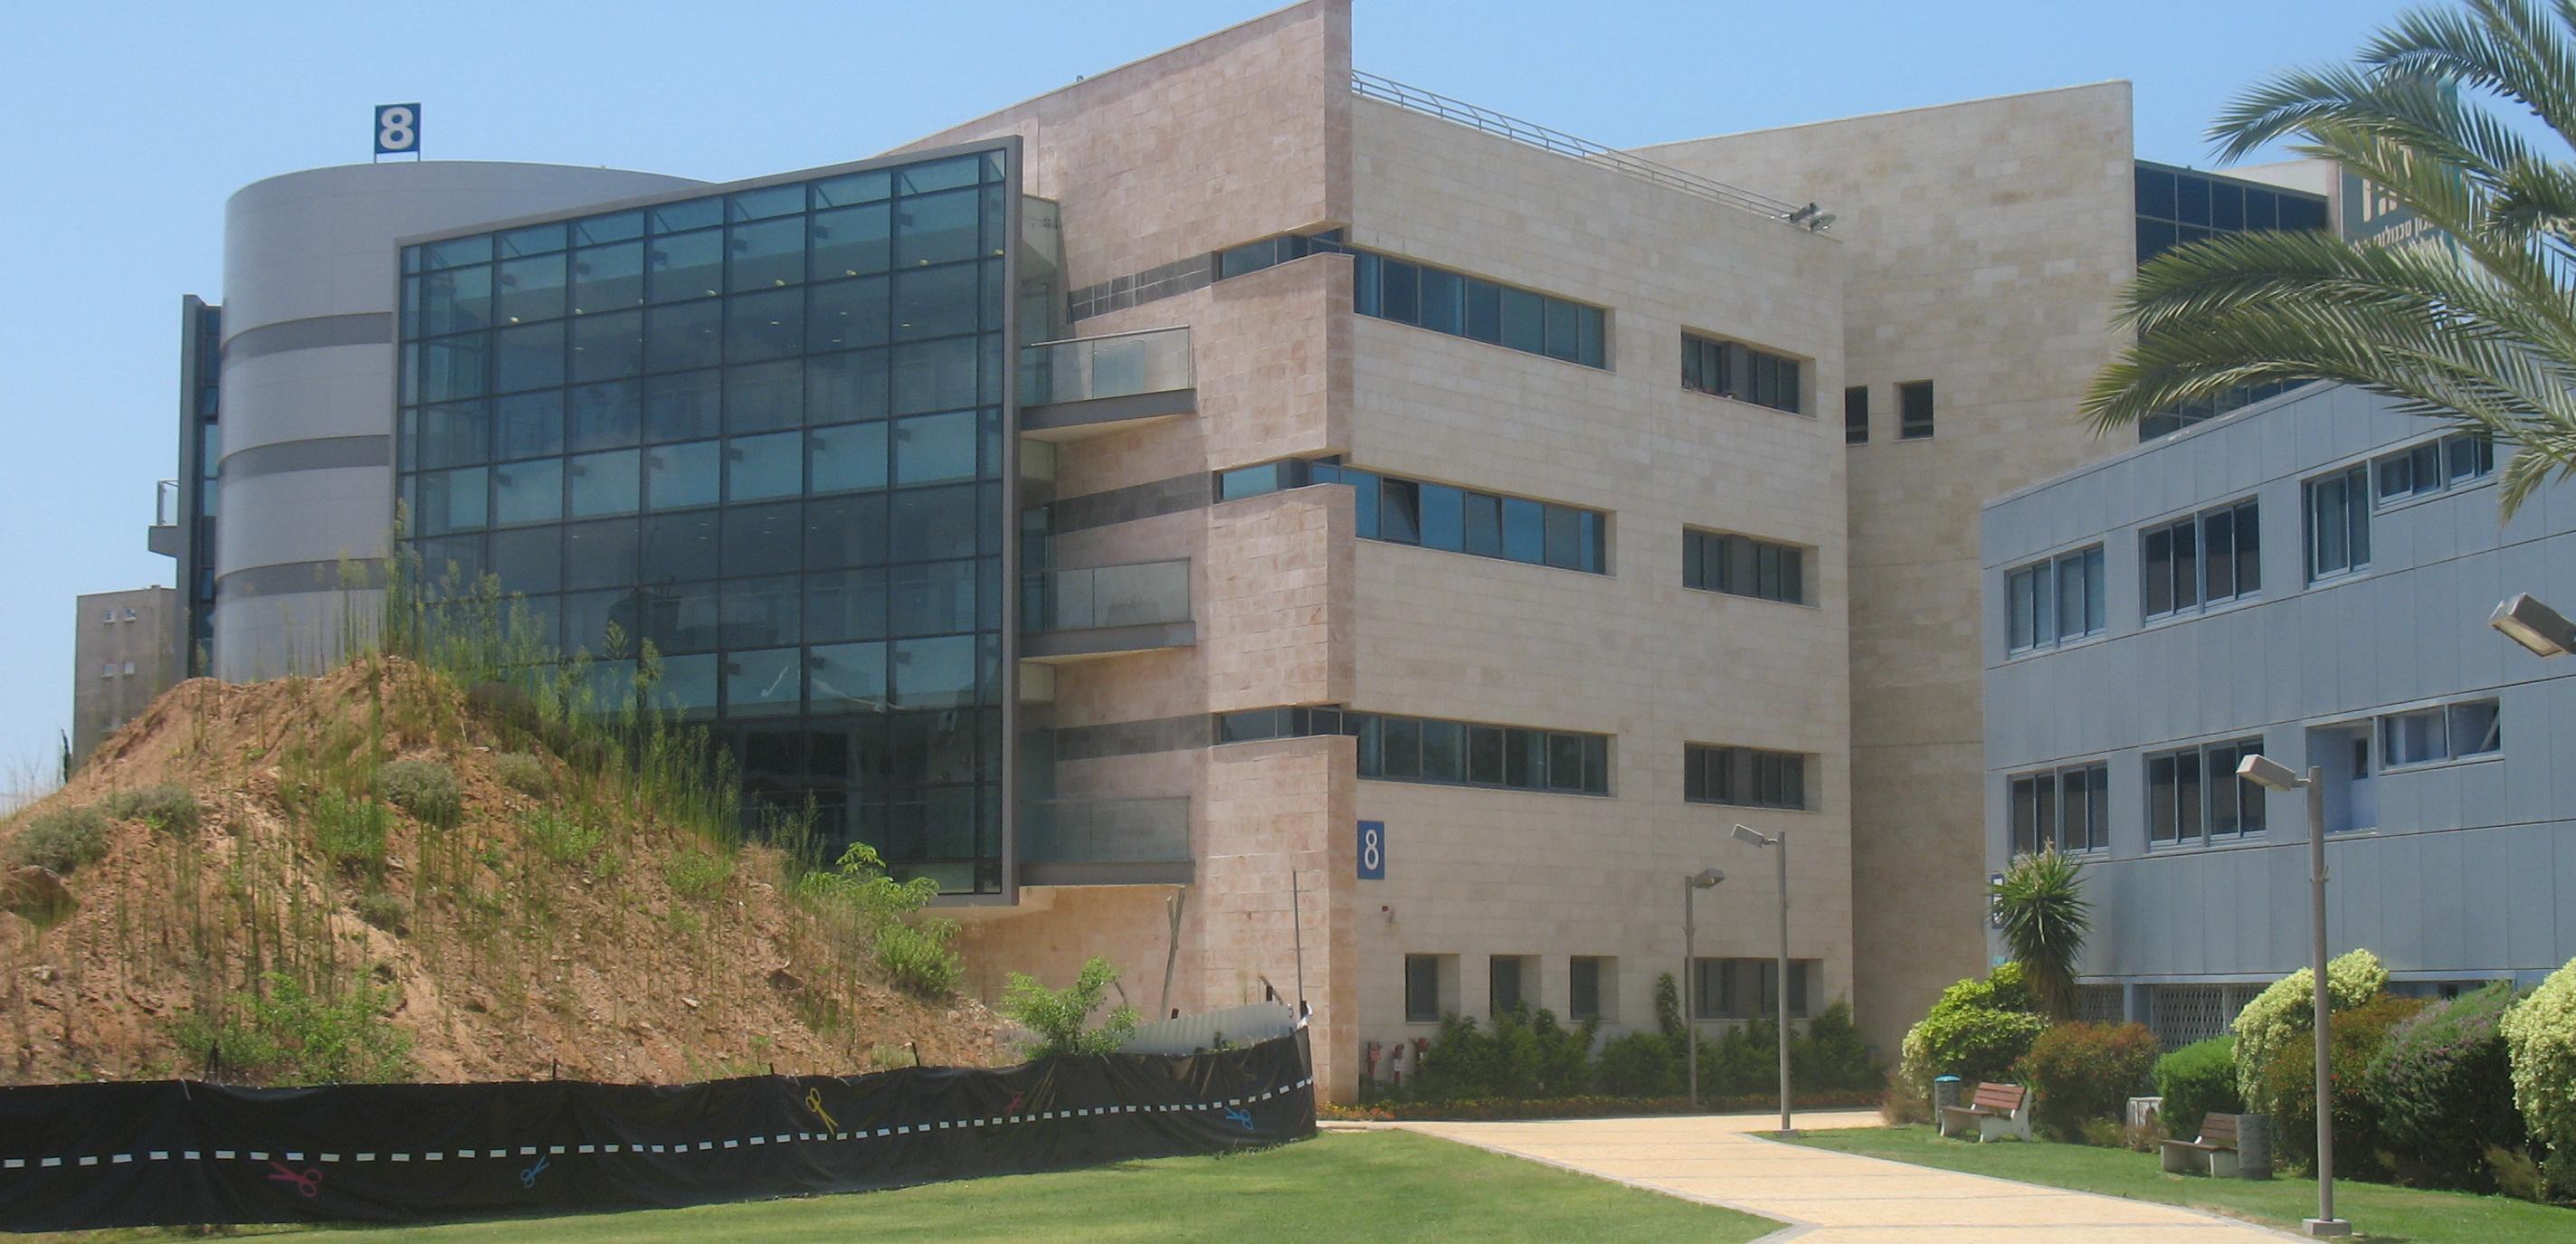 Holon_Institute_of_Technology,_bldg__8_from_E